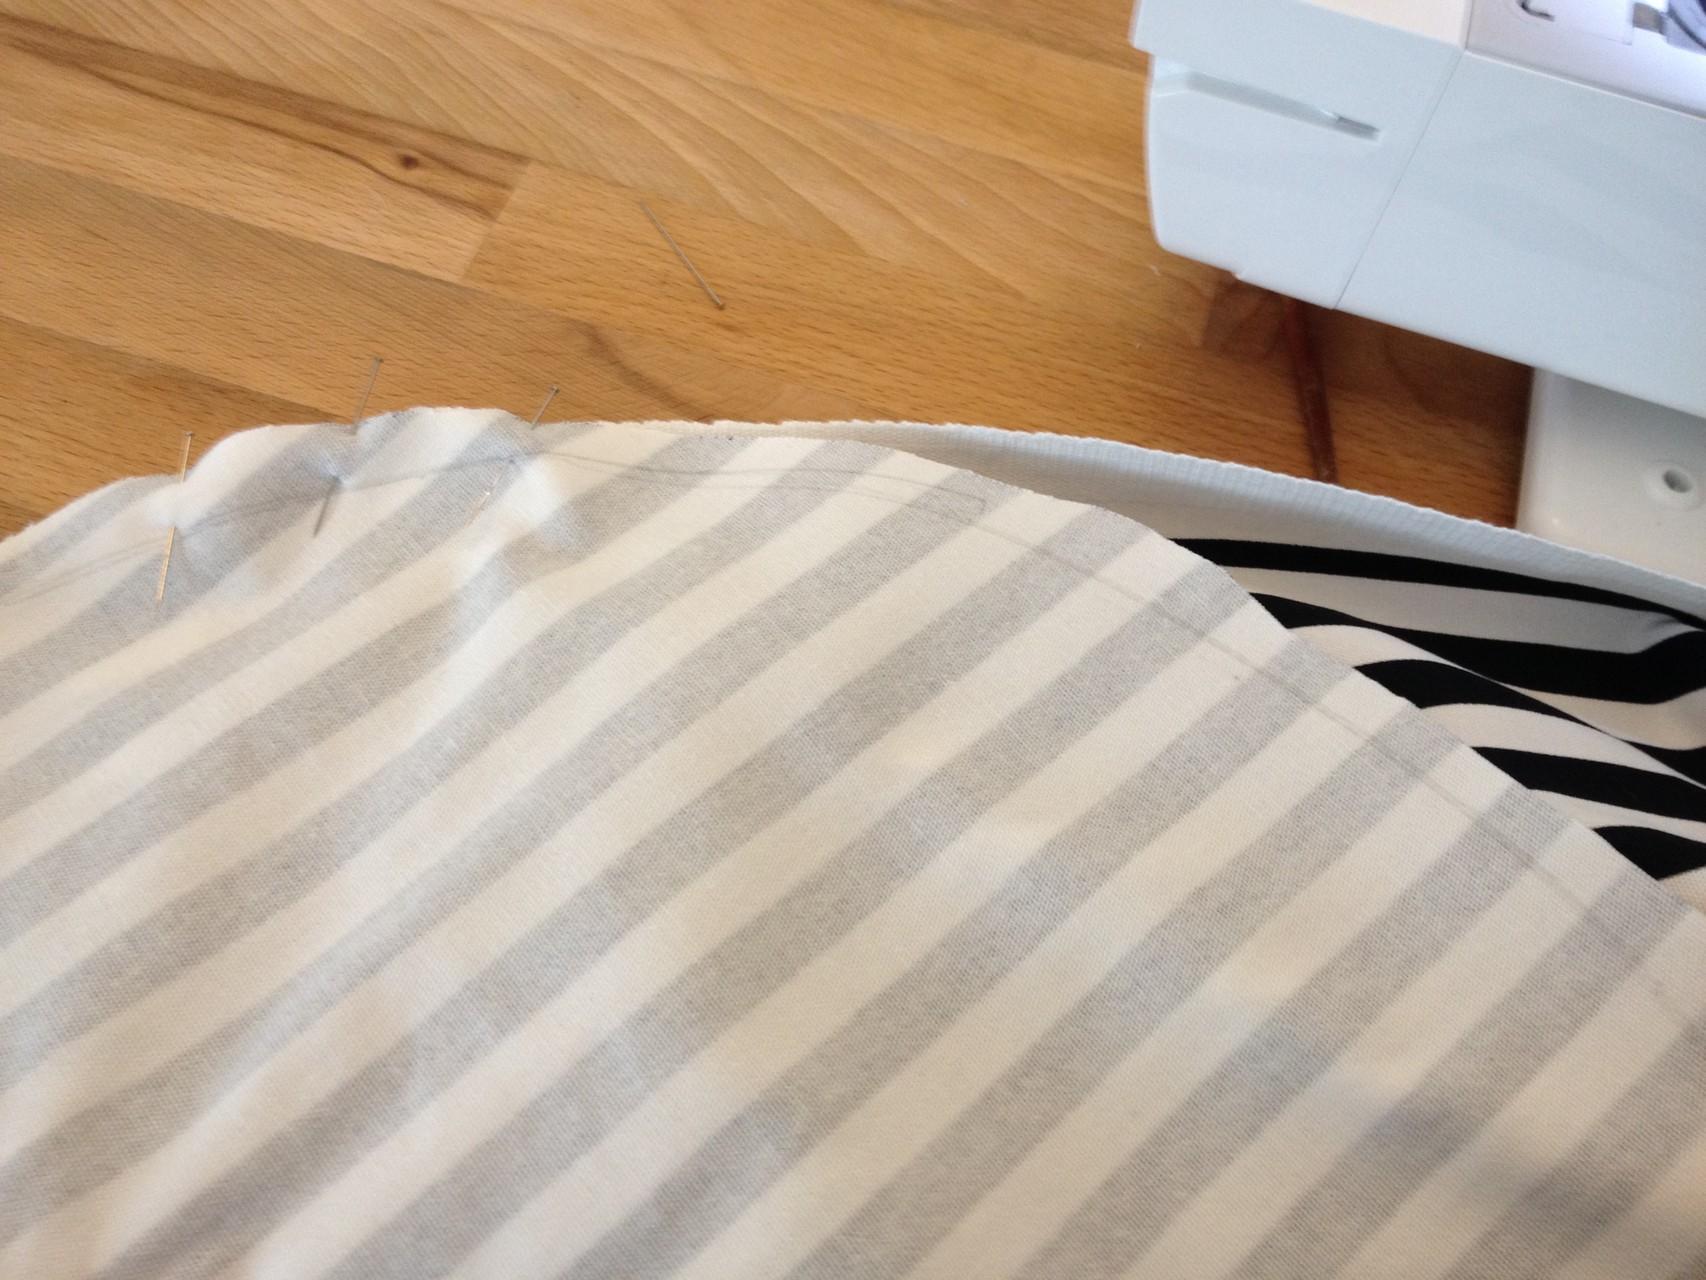 Danach die Breite eures Rechtecks rechts auf rechts an das runde Bodenteil stecken (hilfreich sind viele Nadeln in kurzen Abständen) und festnähen.